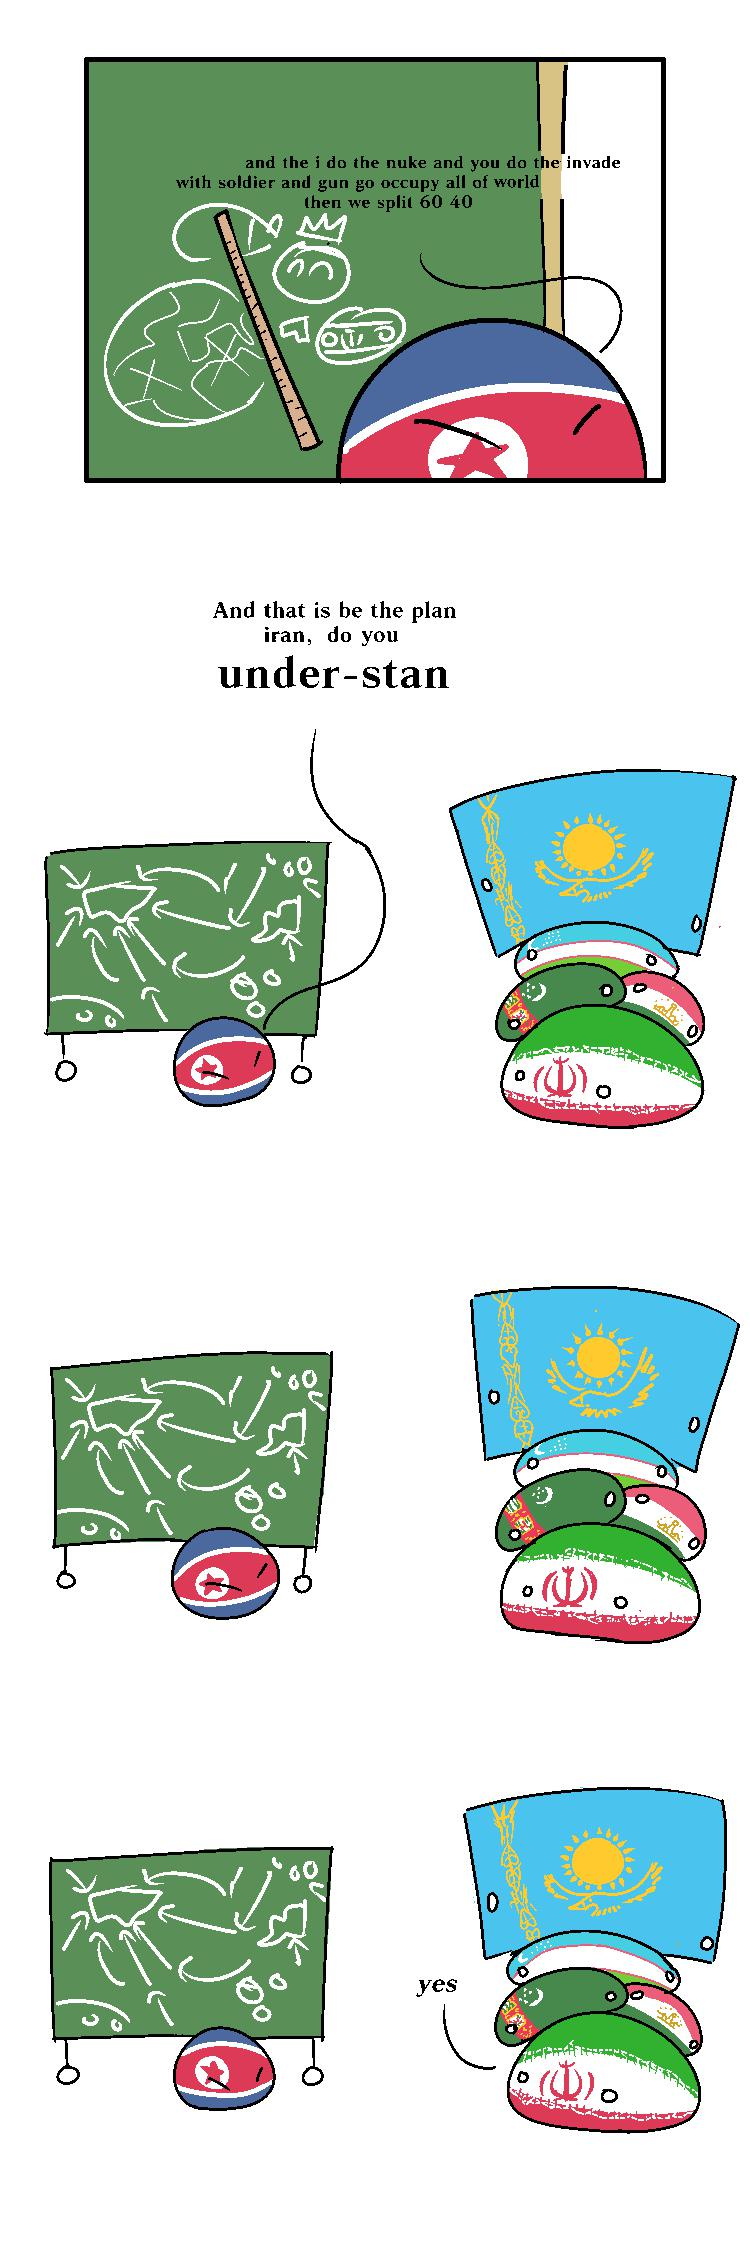 Zdjęcie użytkownika ambasadorpolskipolnocnej w temacie Memy i komiksy o Countryballach